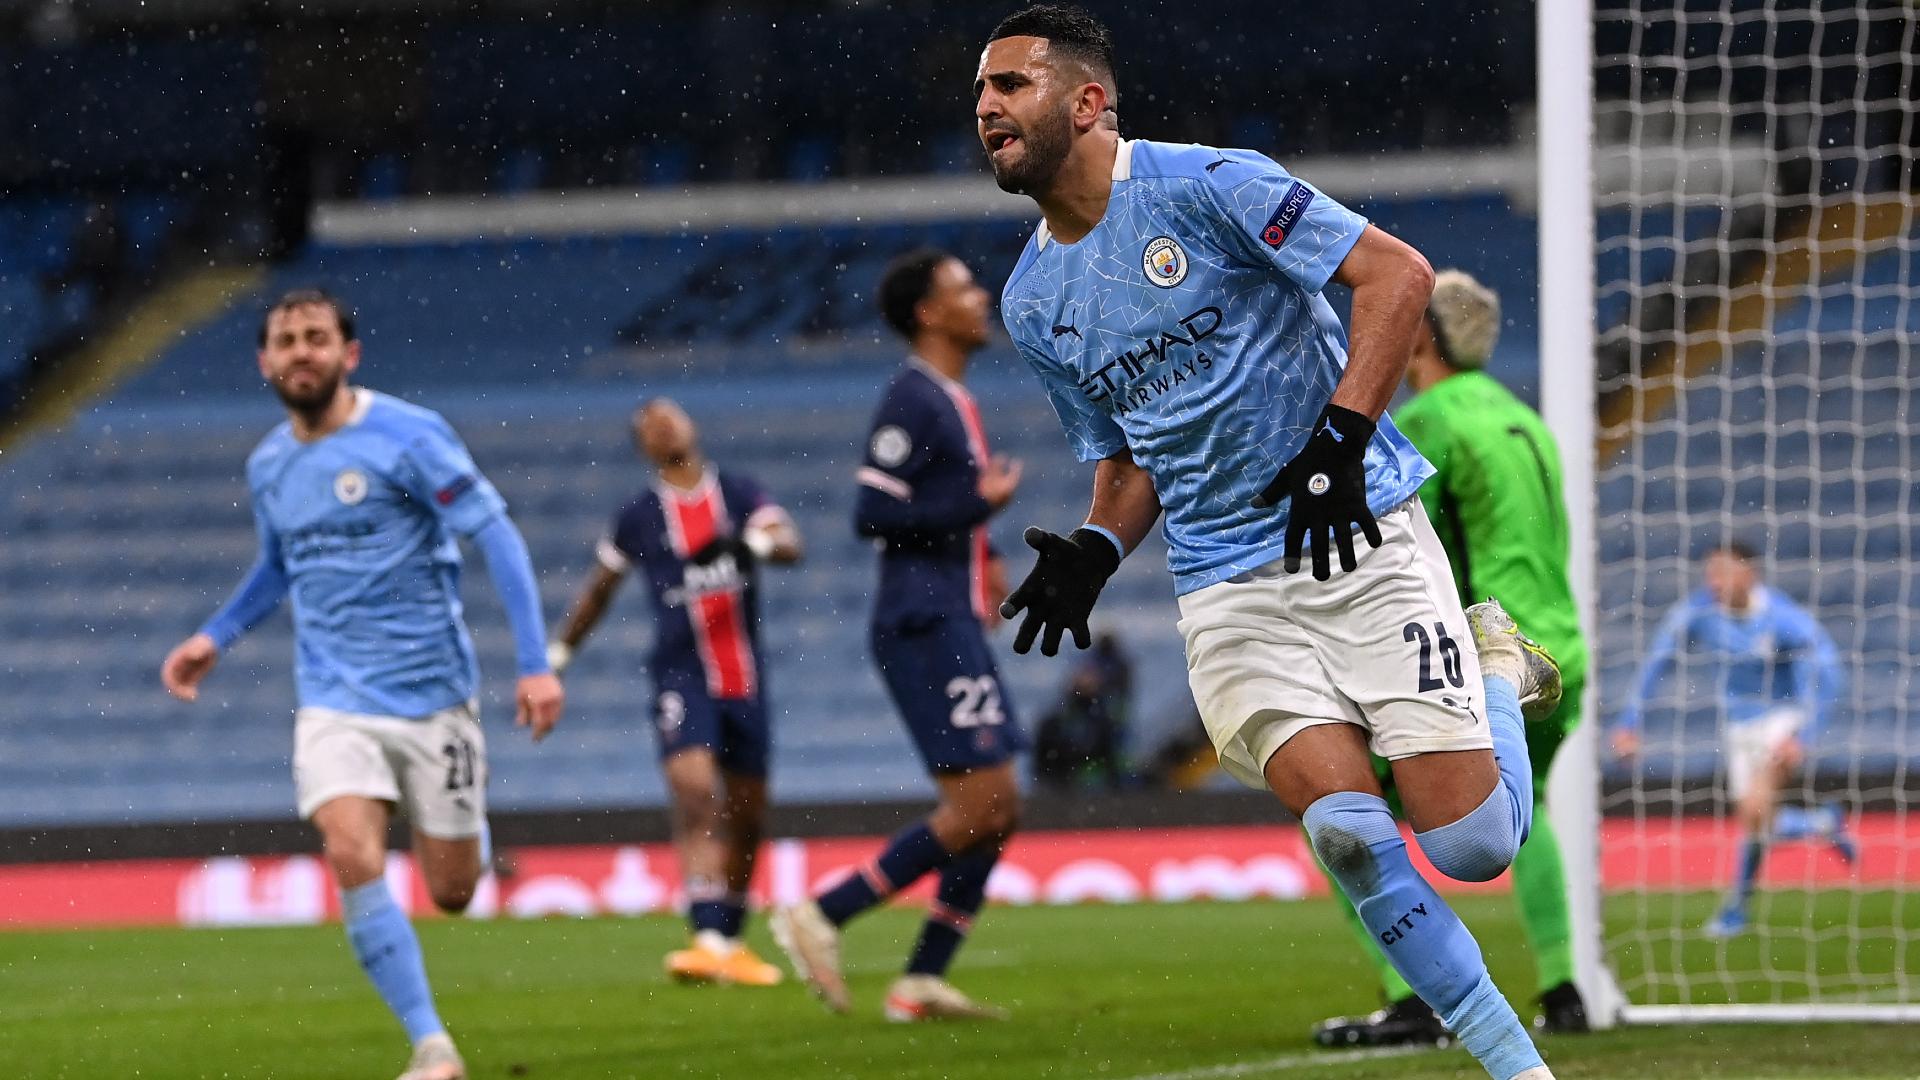 Mahrez: I want to finish my career at Manchester City